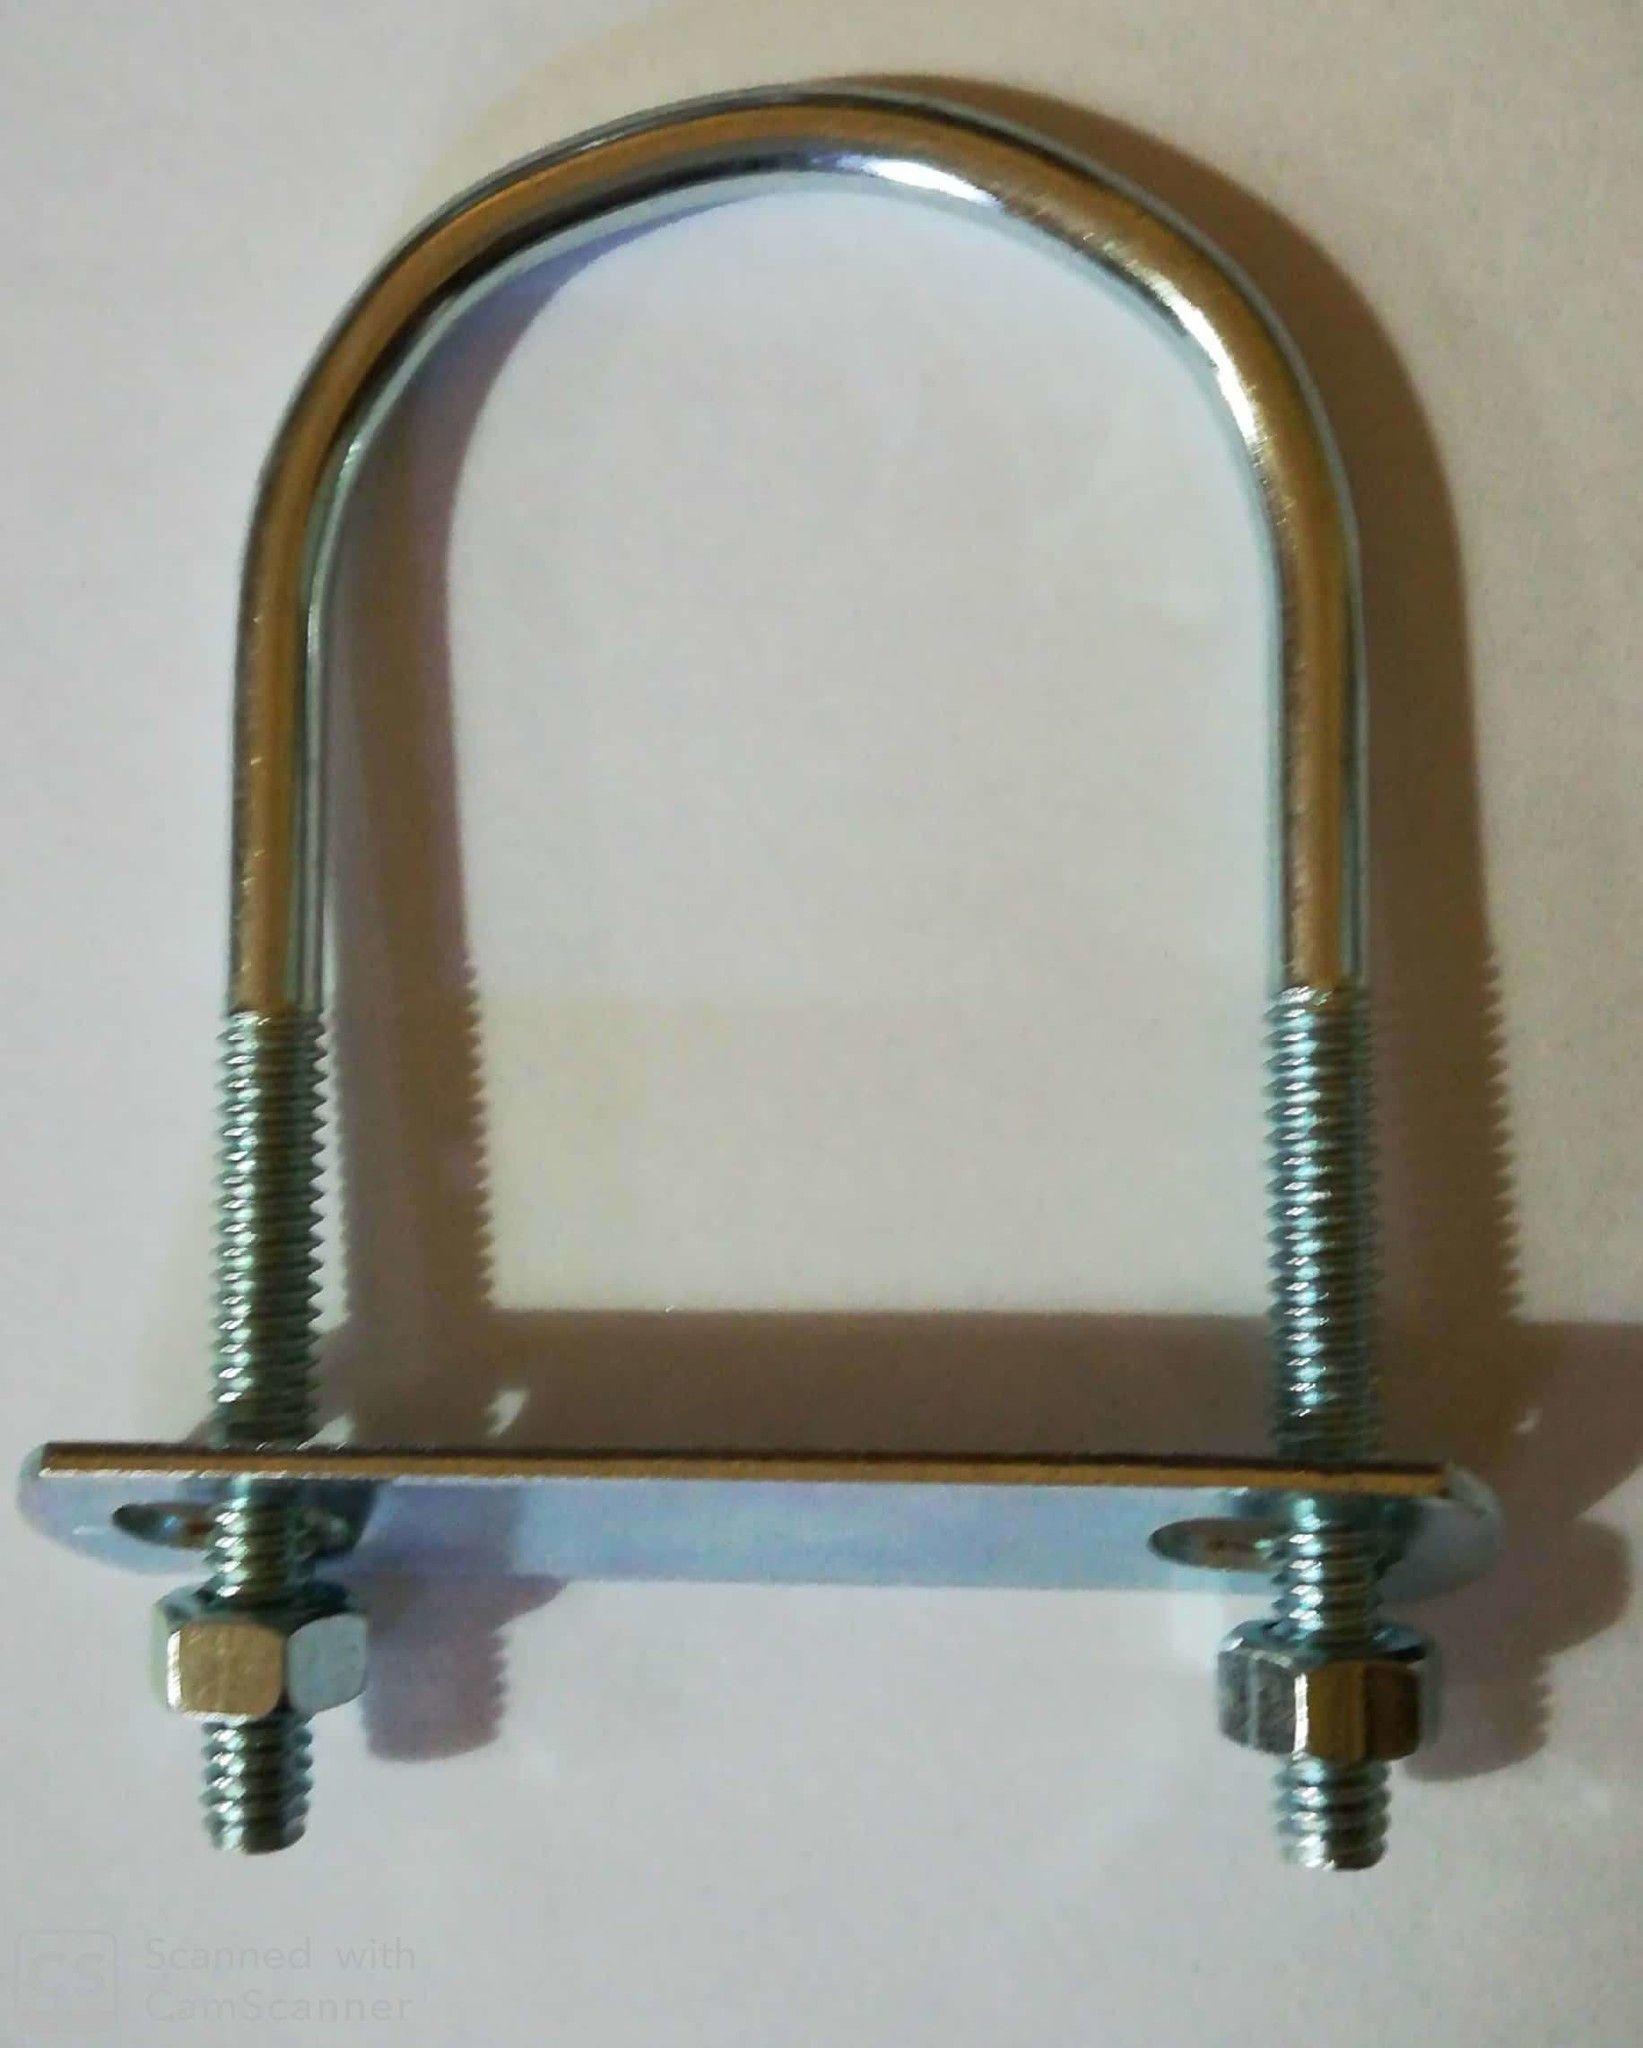 Cavallotto tondo mm 5,4 x 88 con piastra e dadi in ferro zincato